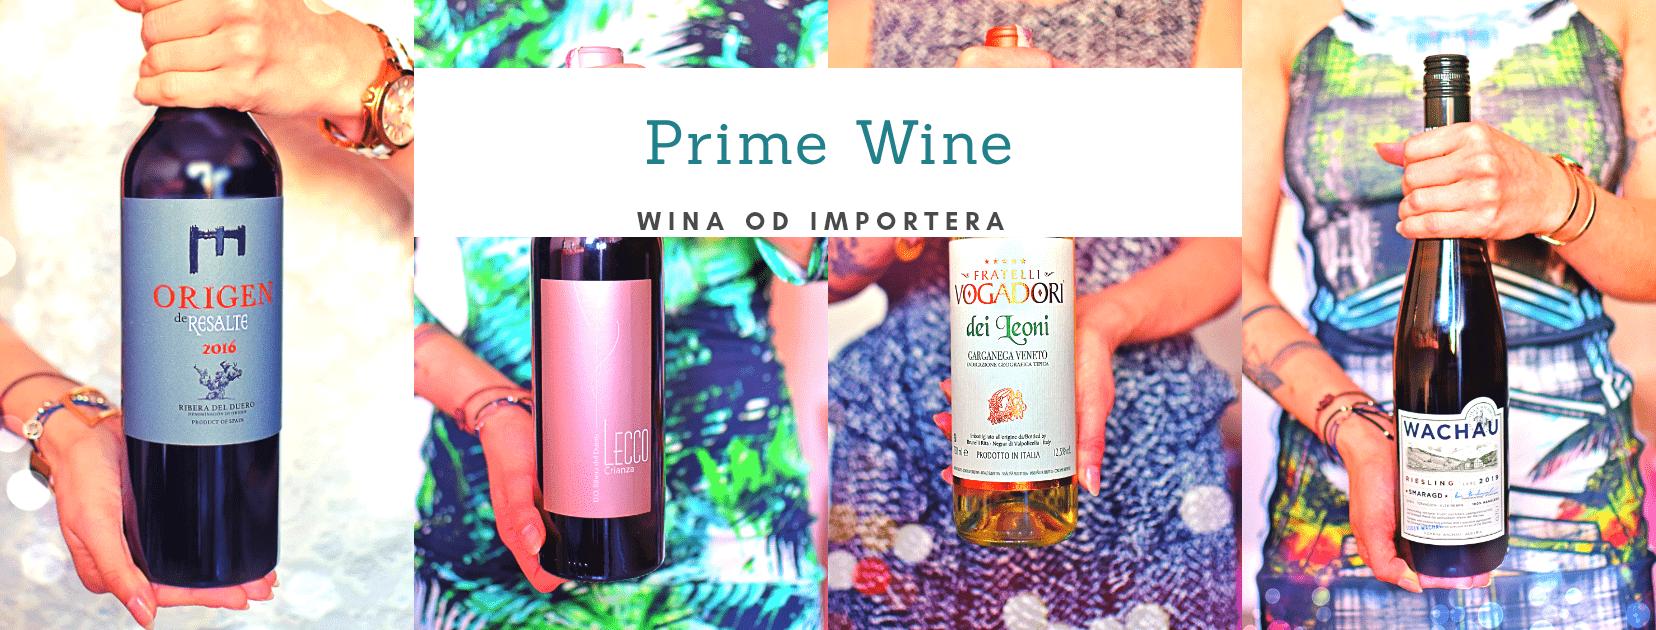 Prime Wine - wina od importera